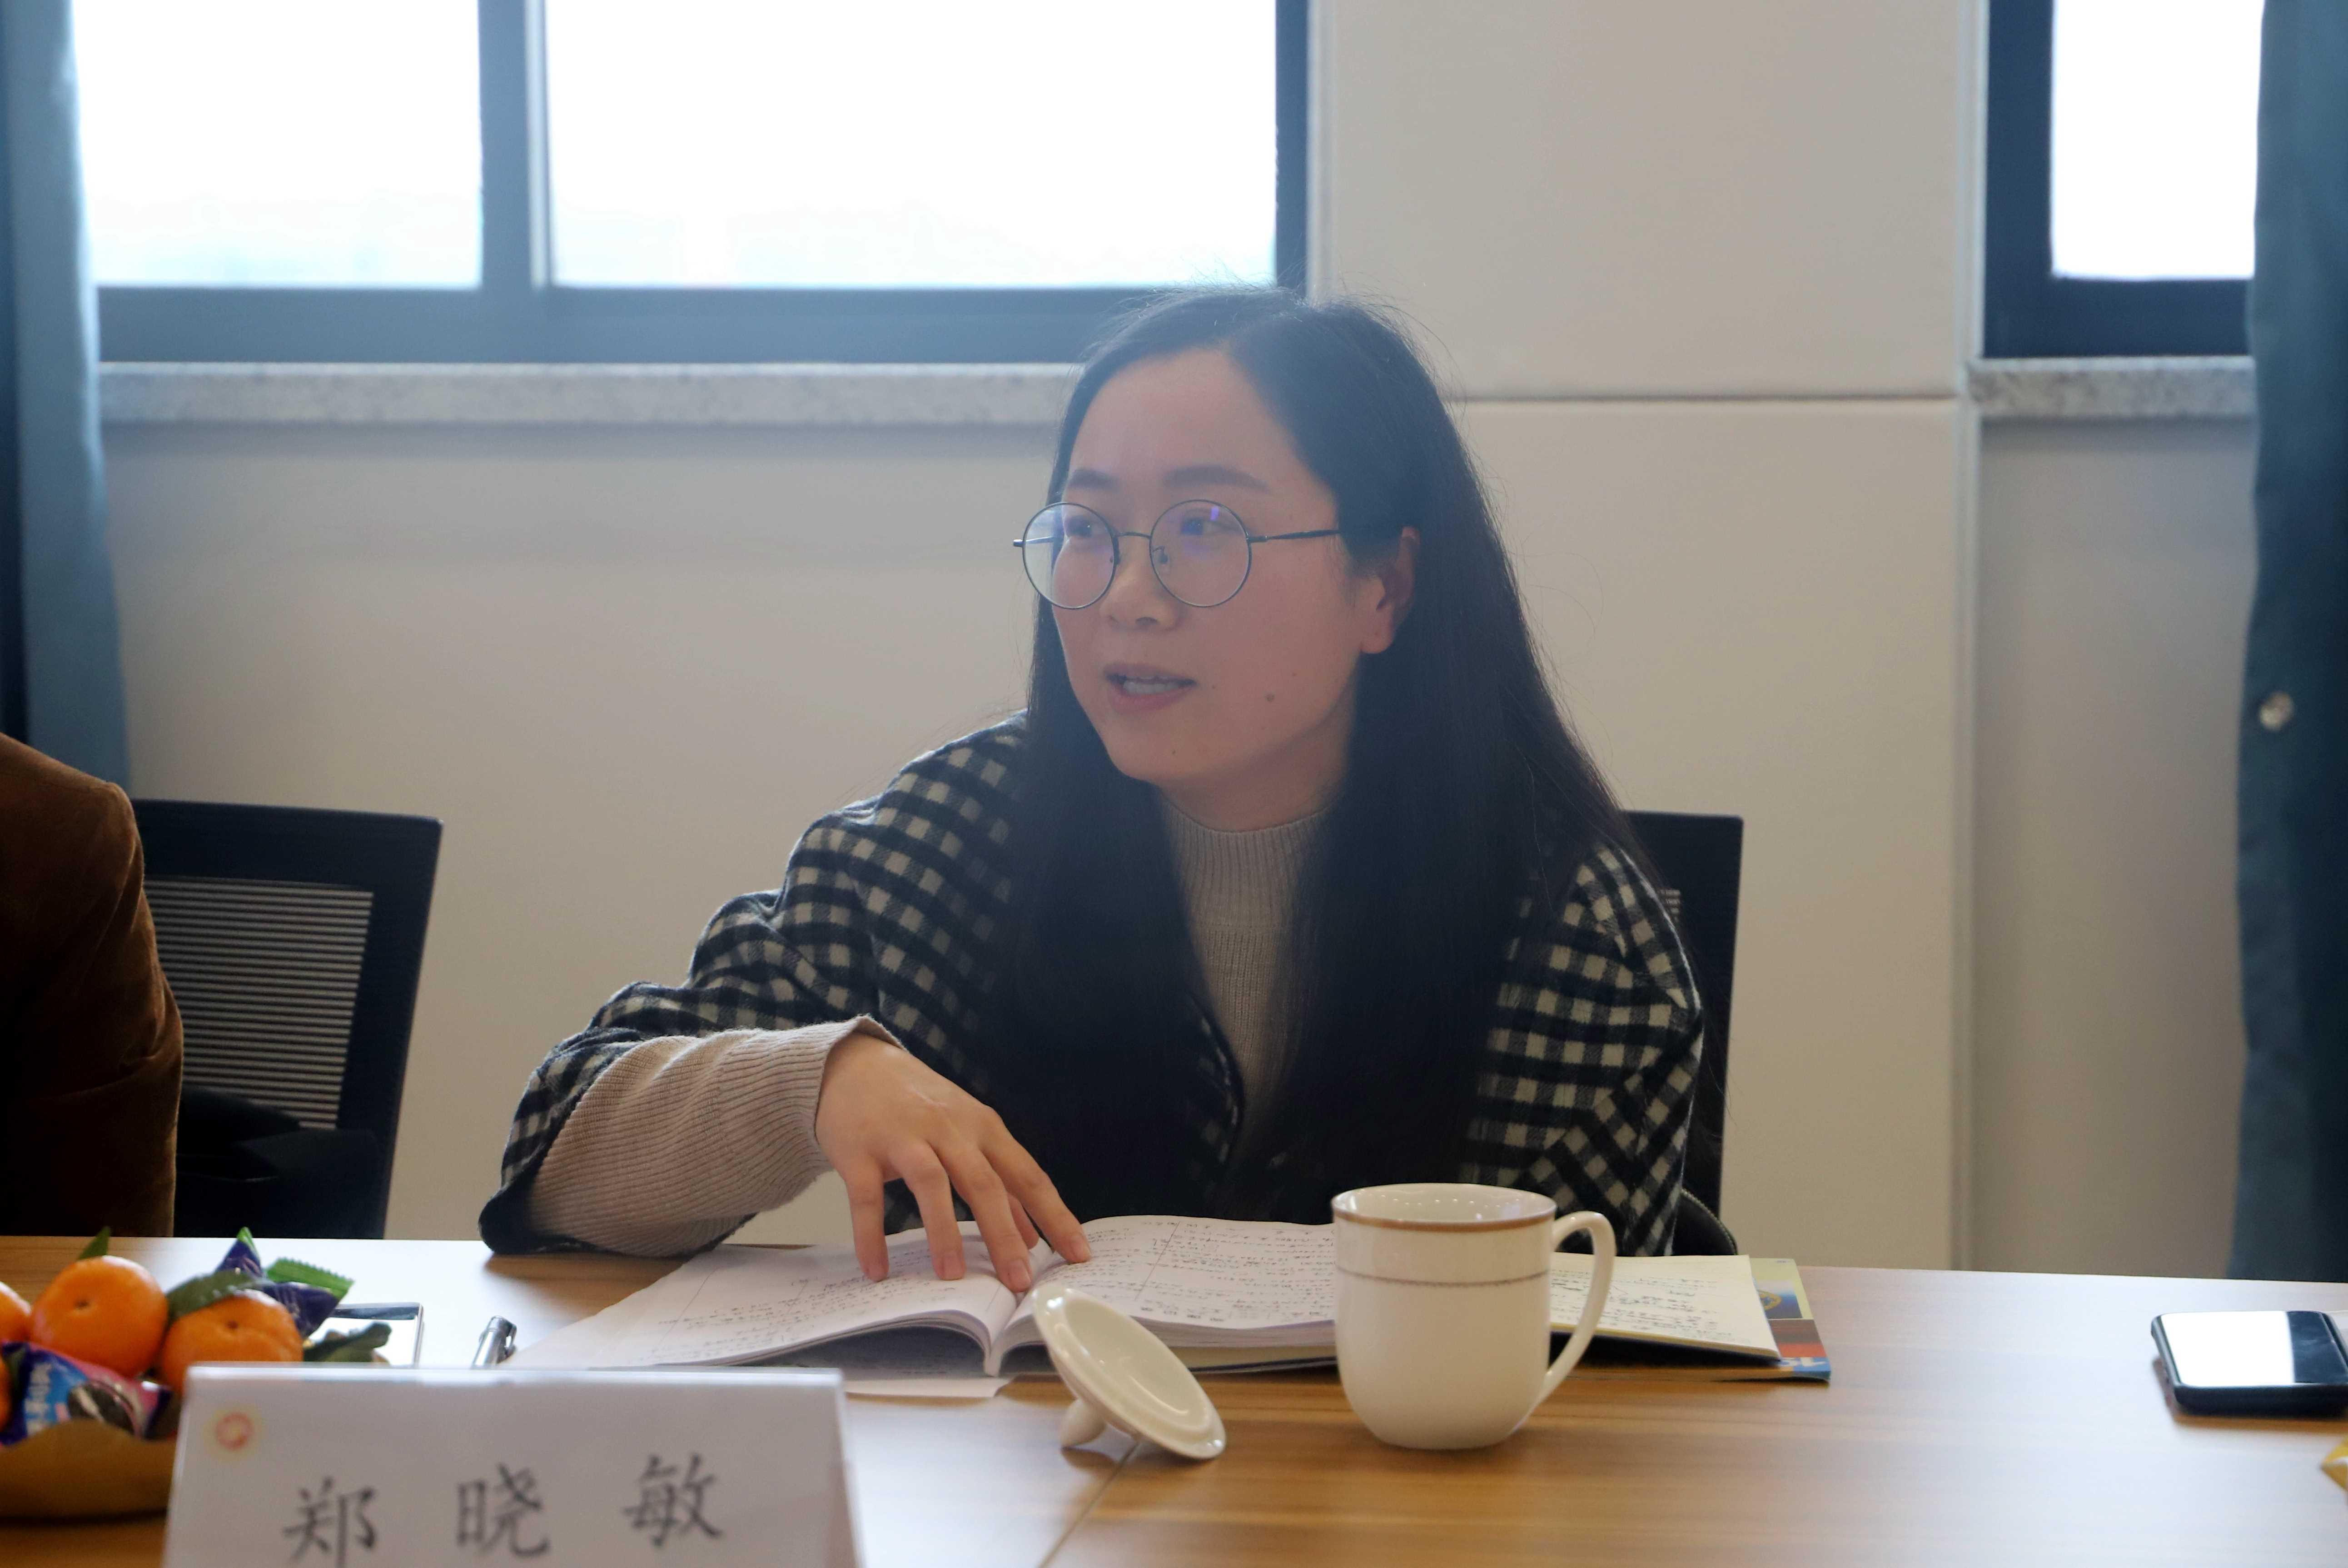 研讨会-IMG_4532